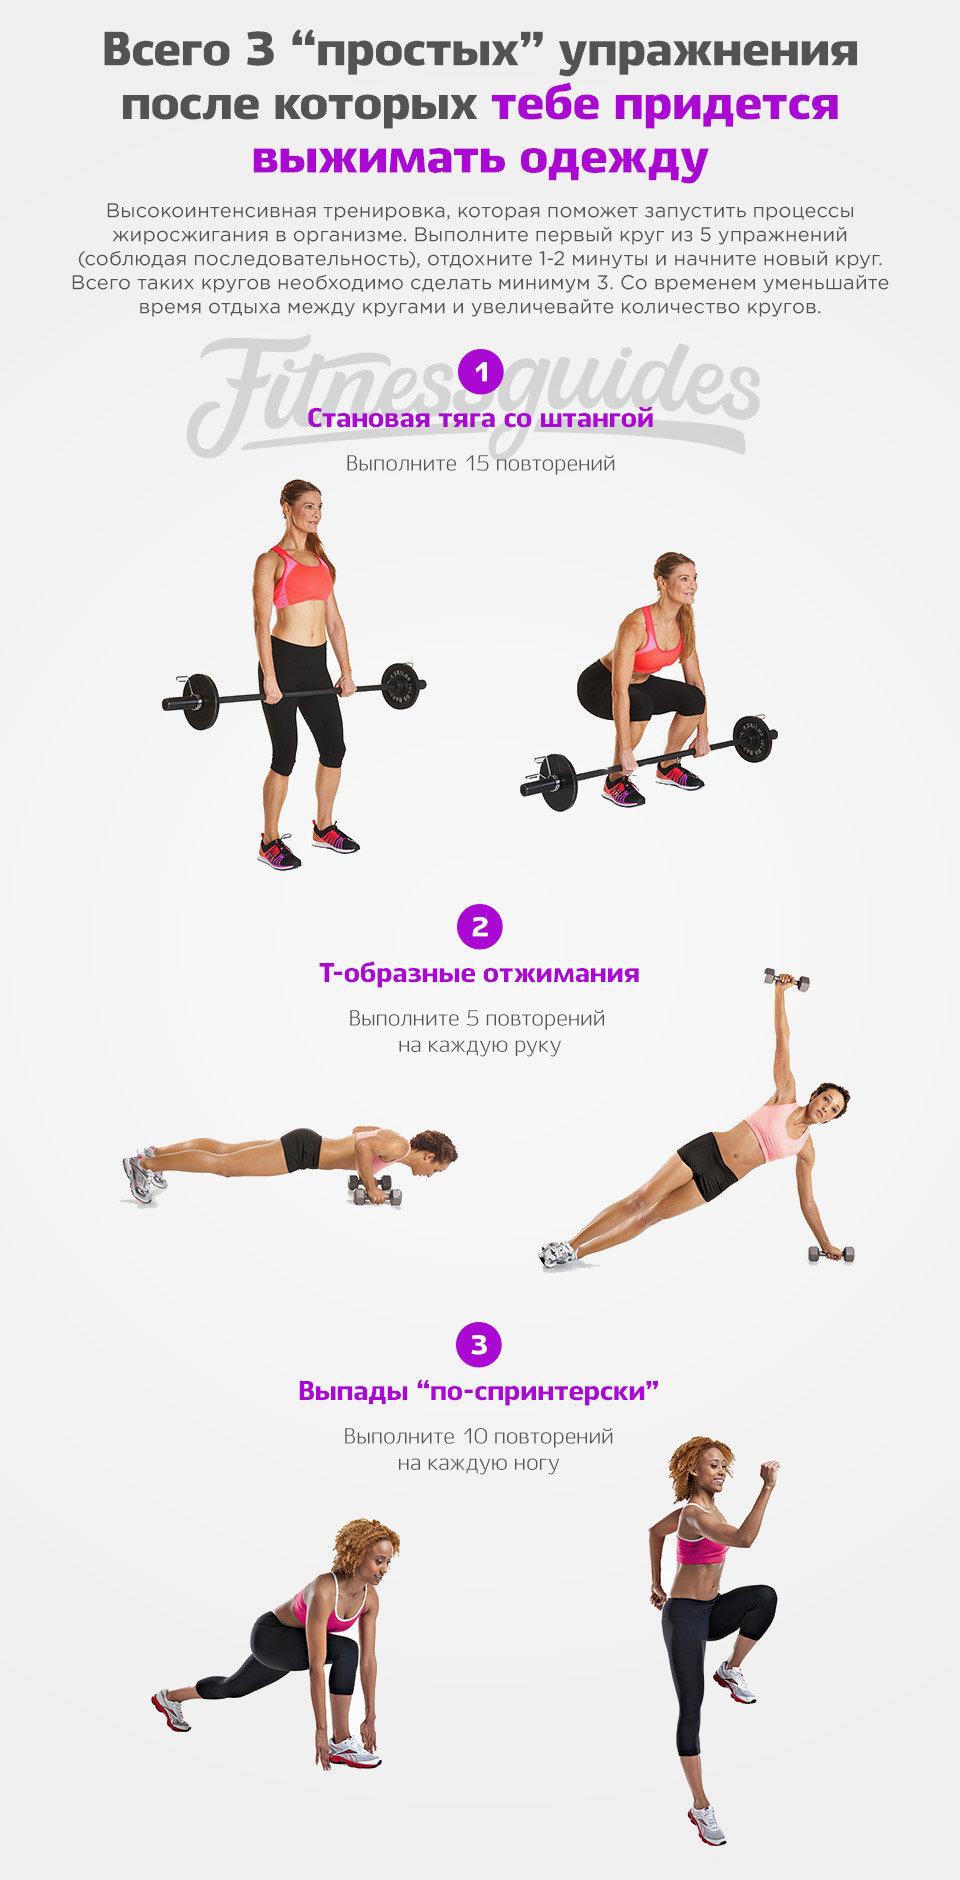 упражнения для зала для похудения в картинках учетом что выплаты